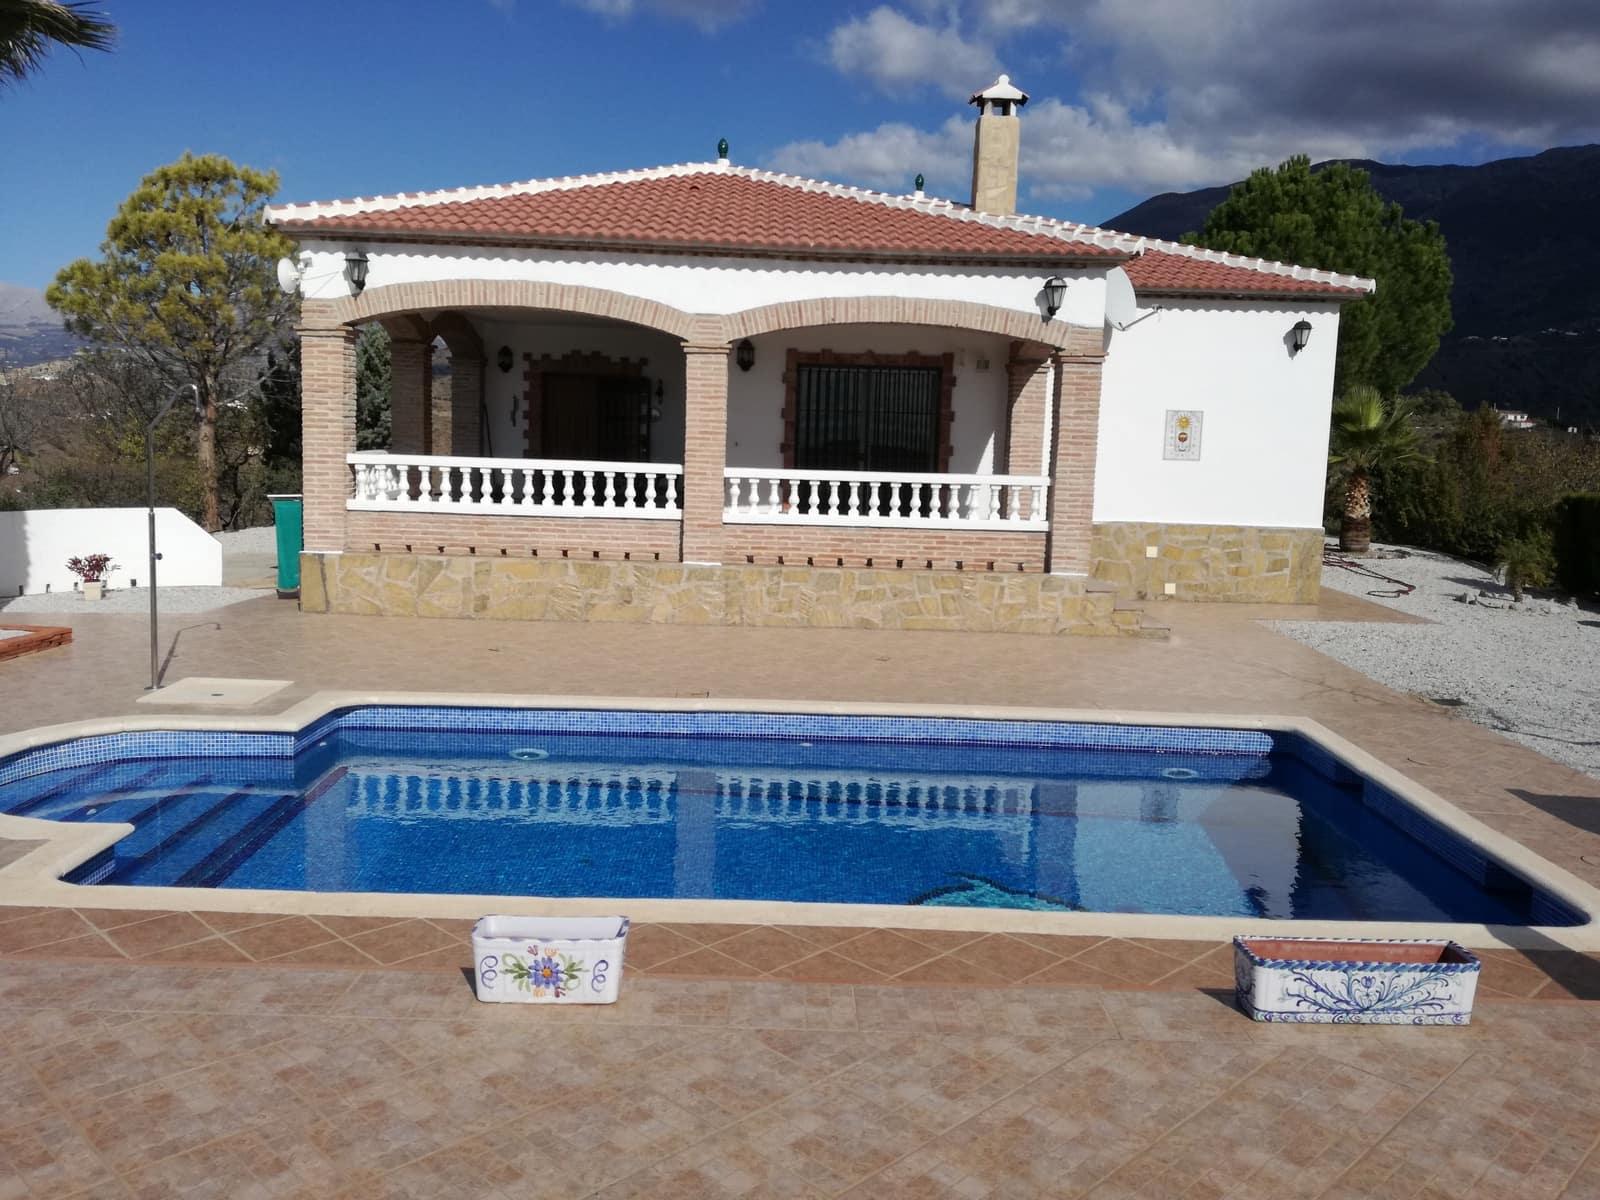 3 bedroom Villa for sale in Canillas de Aceituno with pool - € 395,000 (Ref: 3647892)